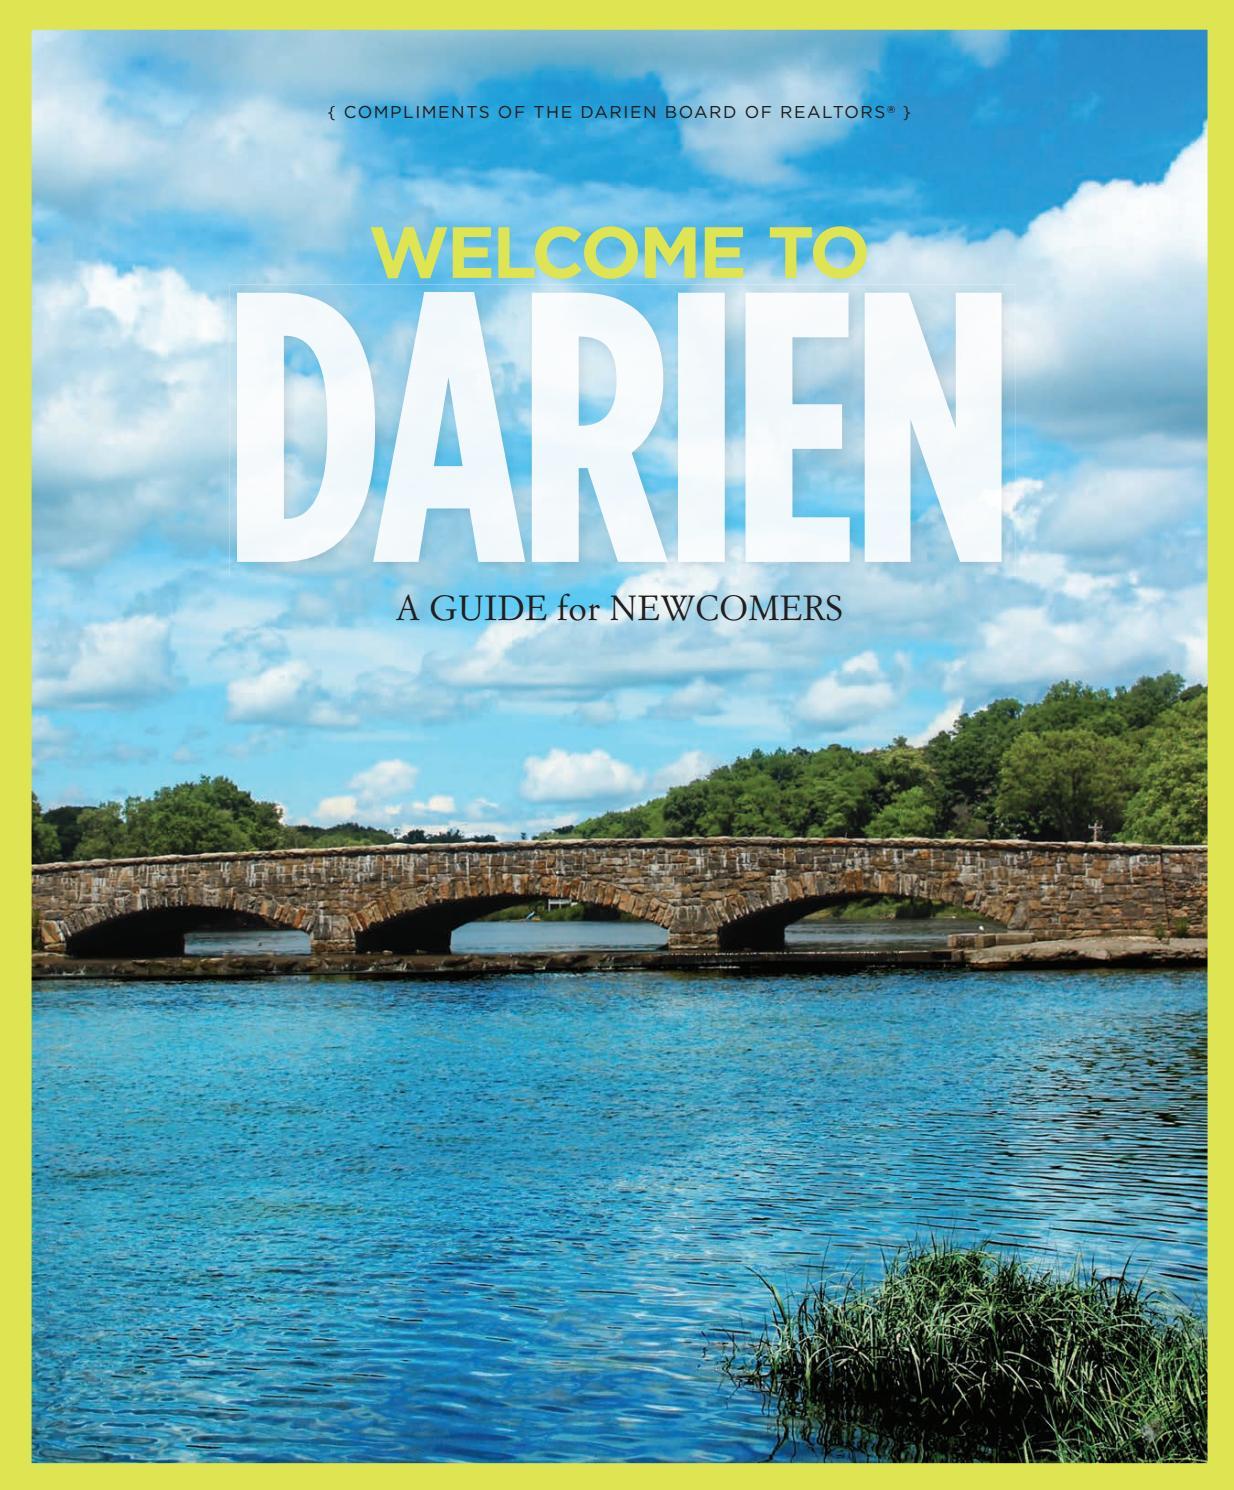 Welcome to Darien by Darien Board of Realtors - issuu